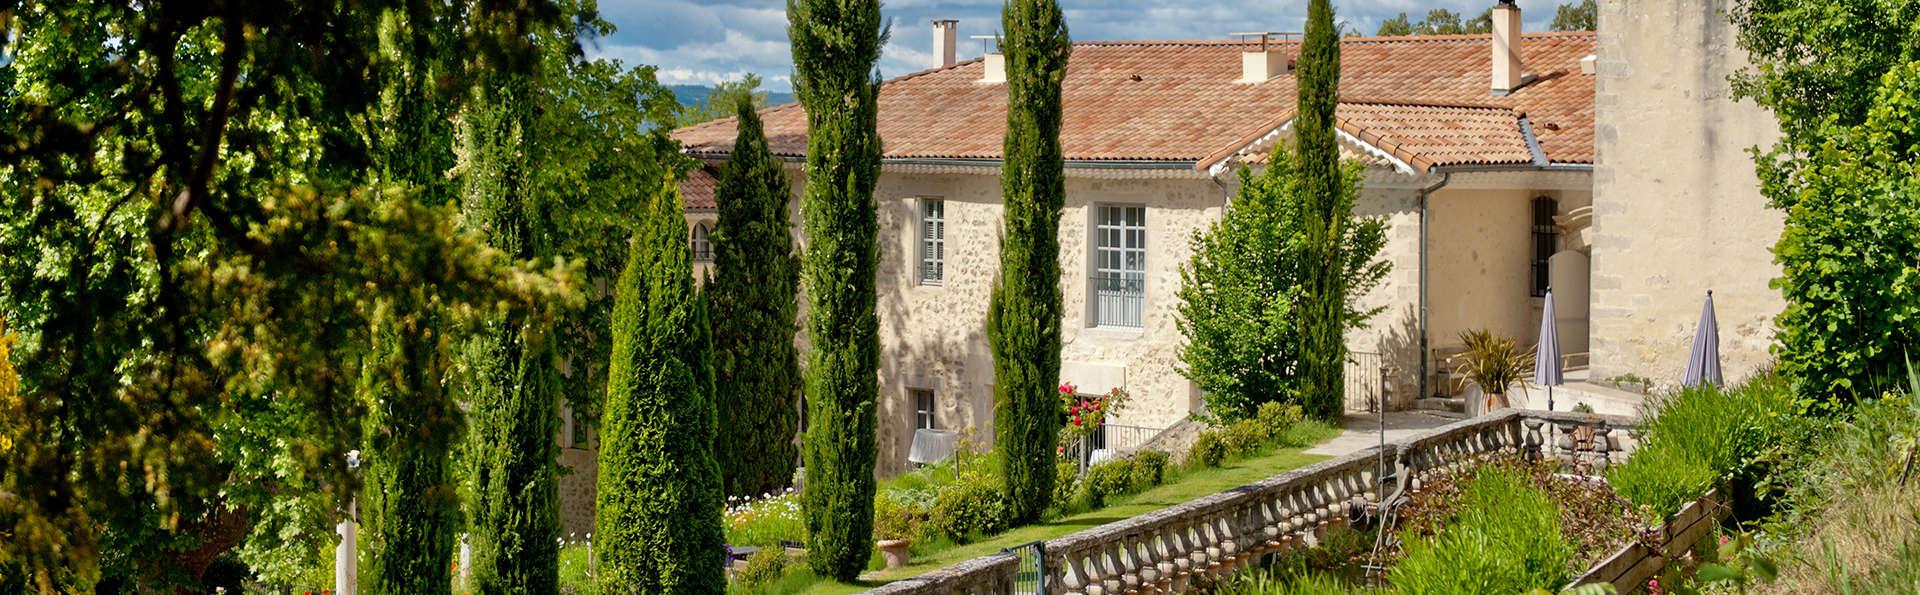 Le Couvent des Minimes Hôtel & Spa L'Occitane - EDIT_NEW_FRONT.jpg